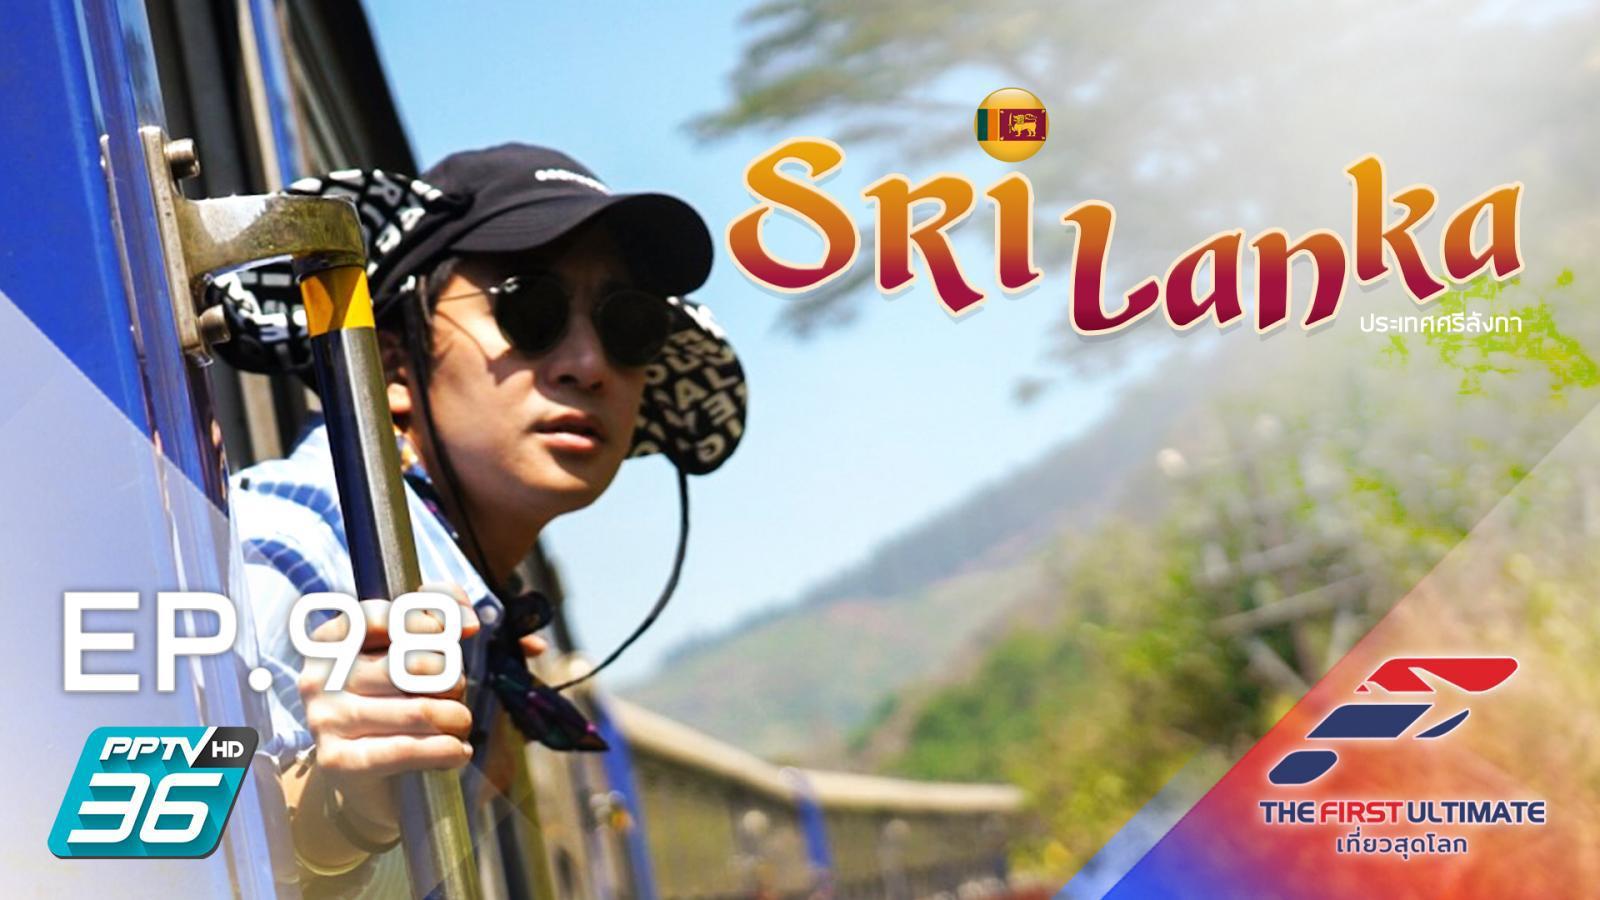 Sri Lanka ( ประเทศศรีลังกา ) ตอนที่ 3